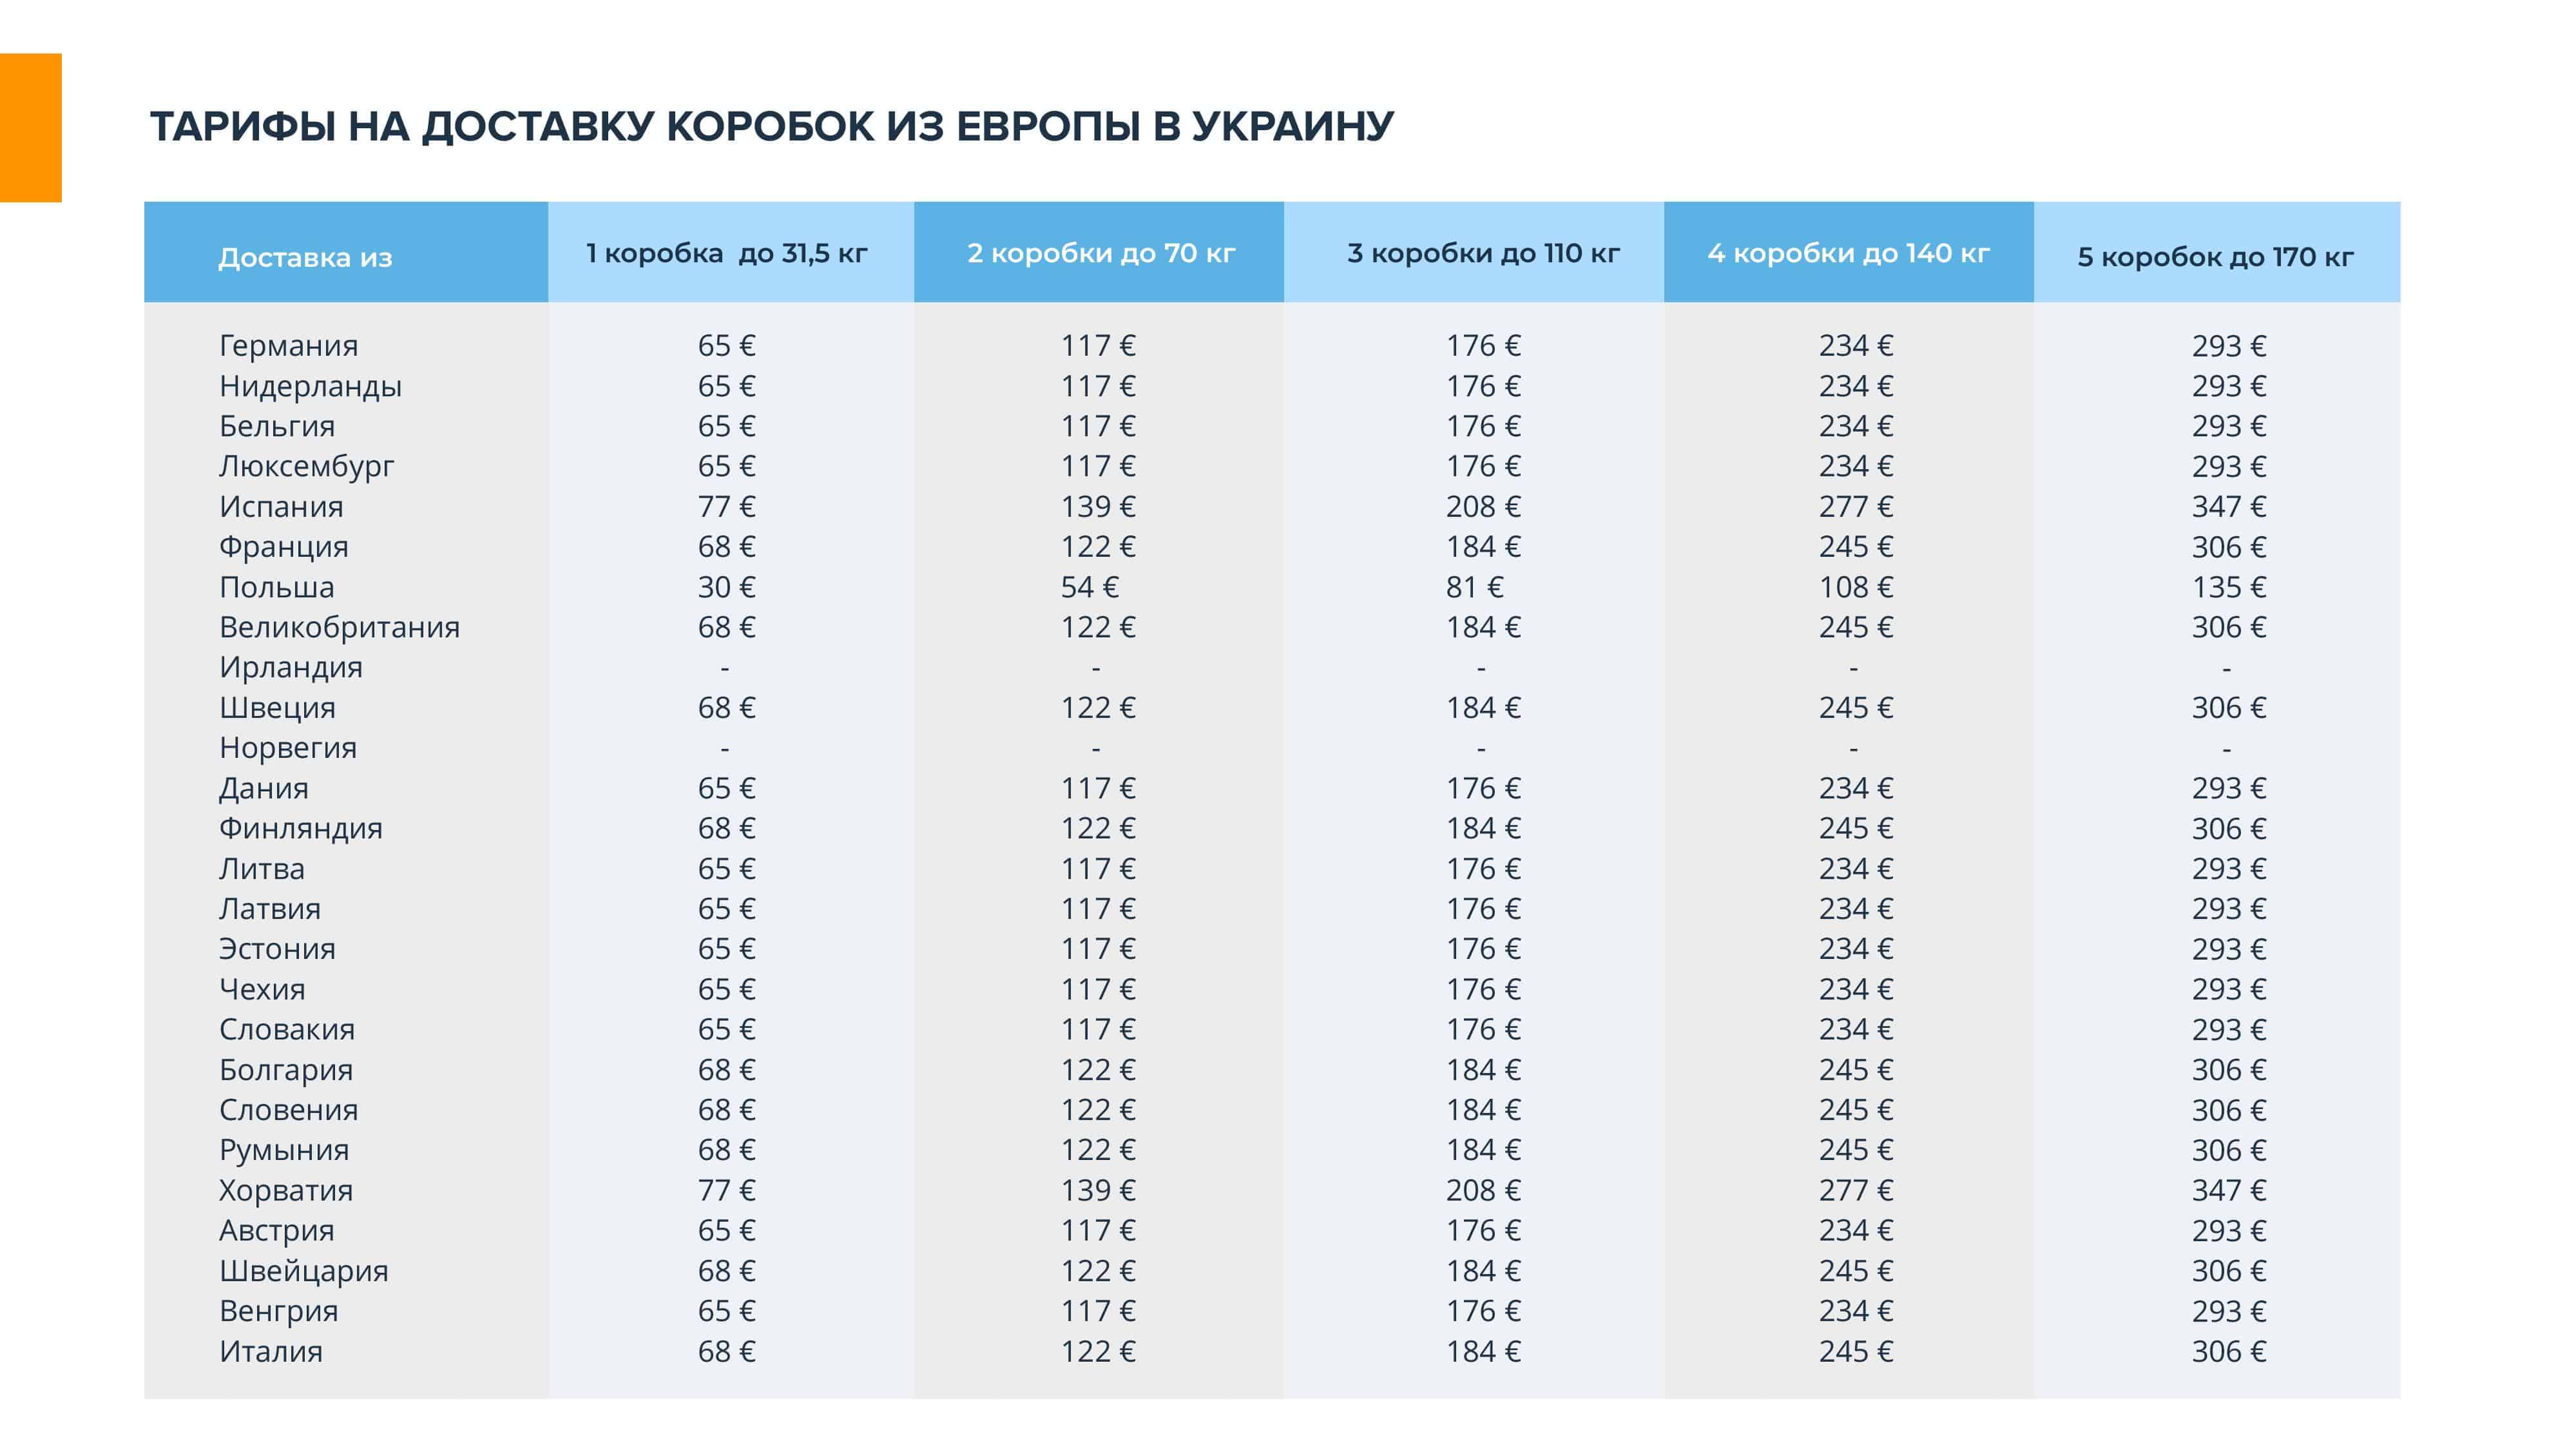 Prezentatsiya-EuroEx - Международная доставка грузов — транспортно логистические перевозки в Украину | EuroEx-  фото9